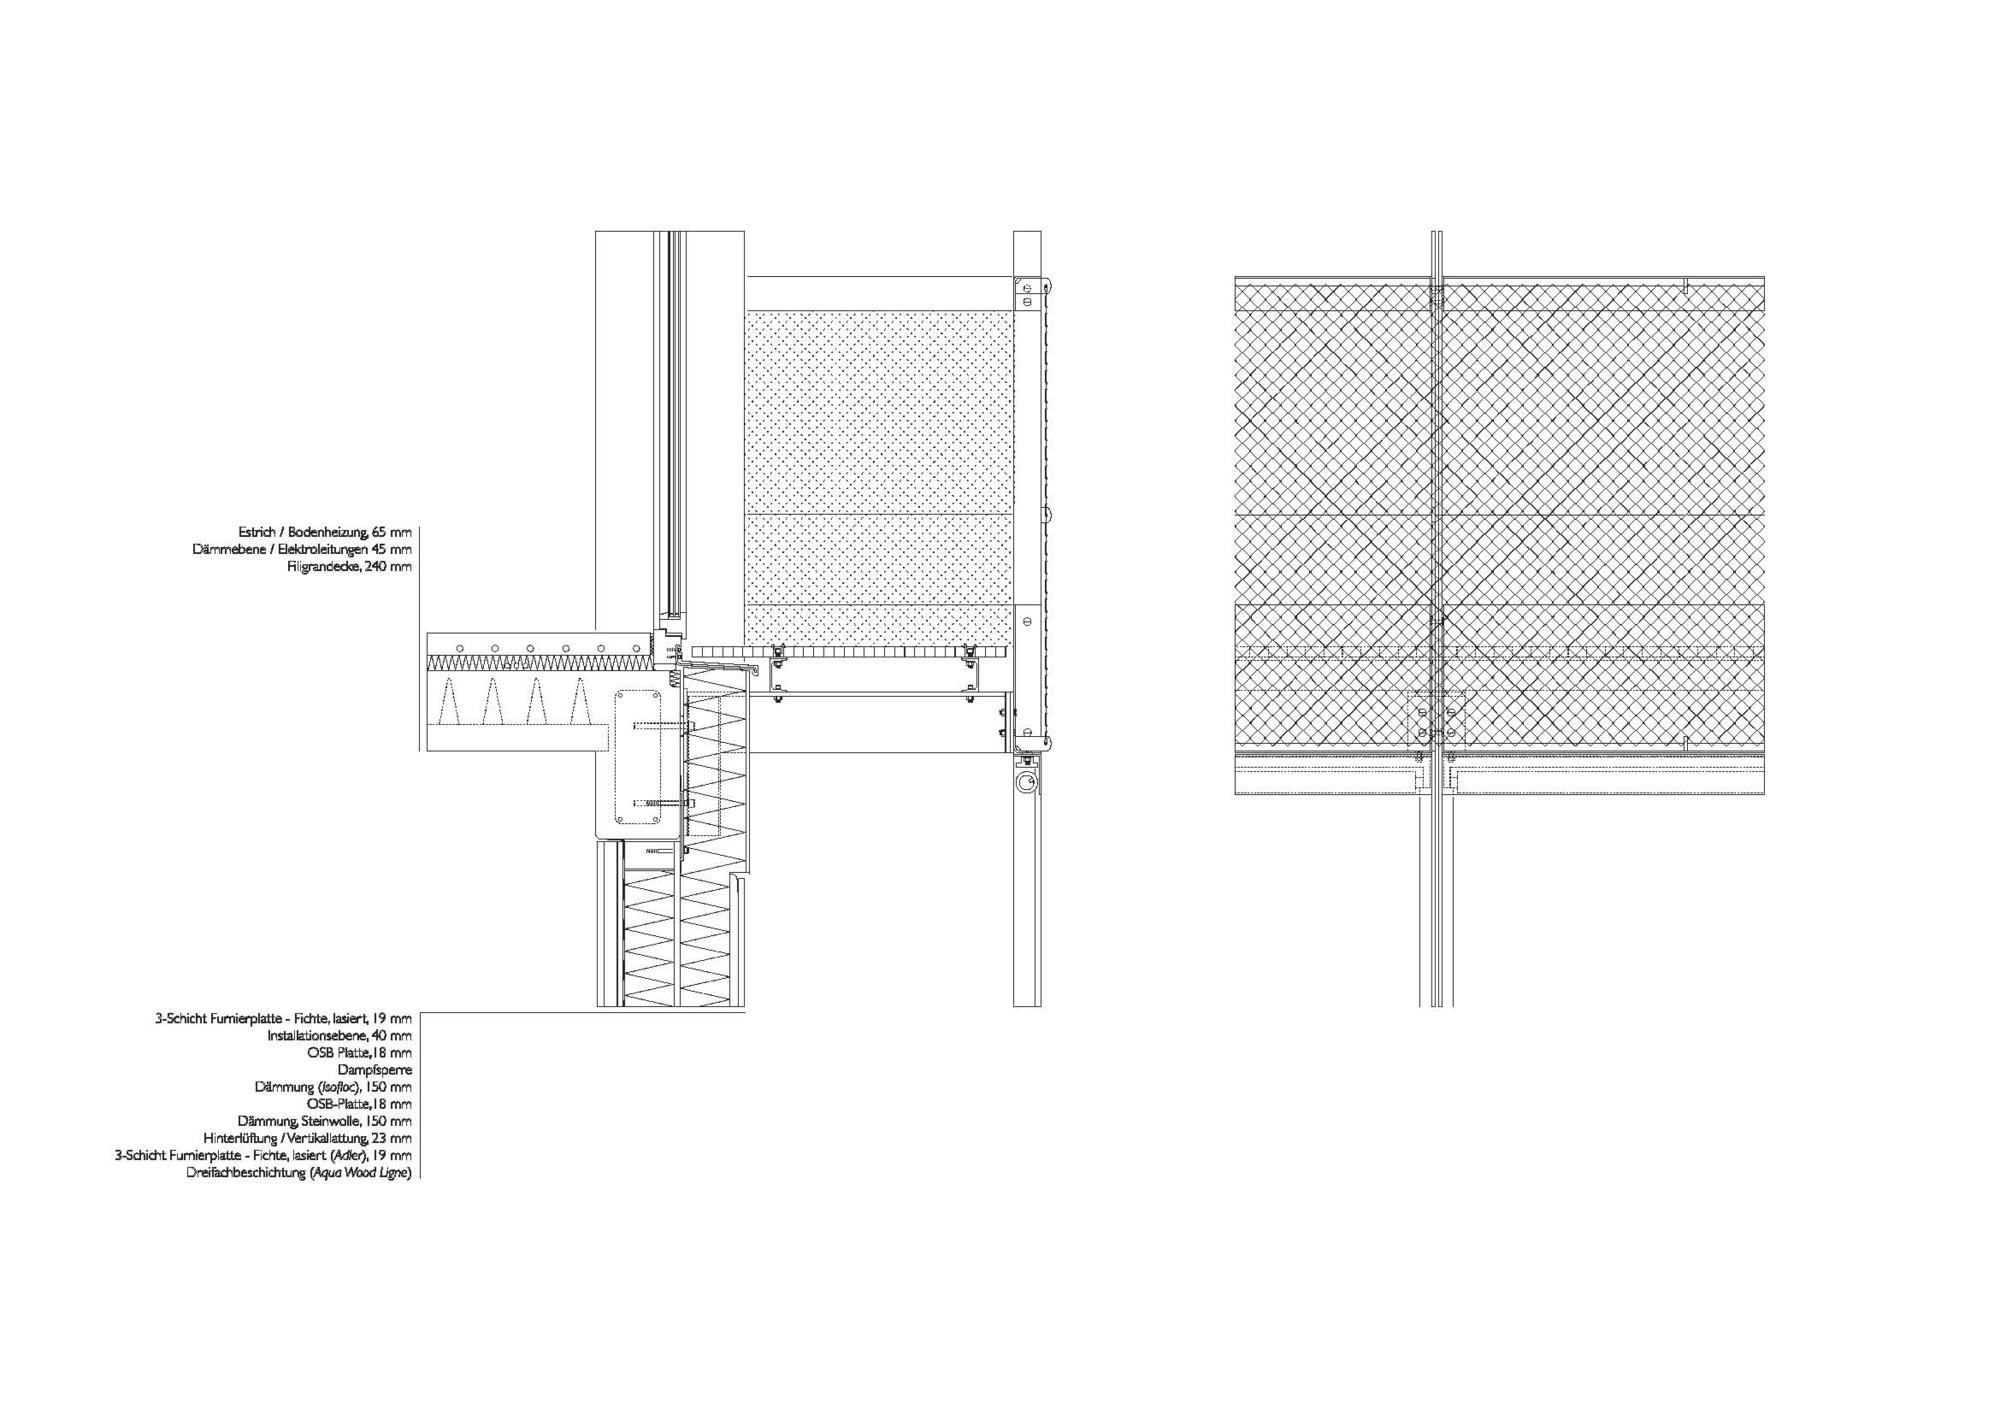 gallery of r50 cohousing ifau und jesko fezer heide von beckerath 38. Black Bedroom Furniture Sets. Home Design Ideas